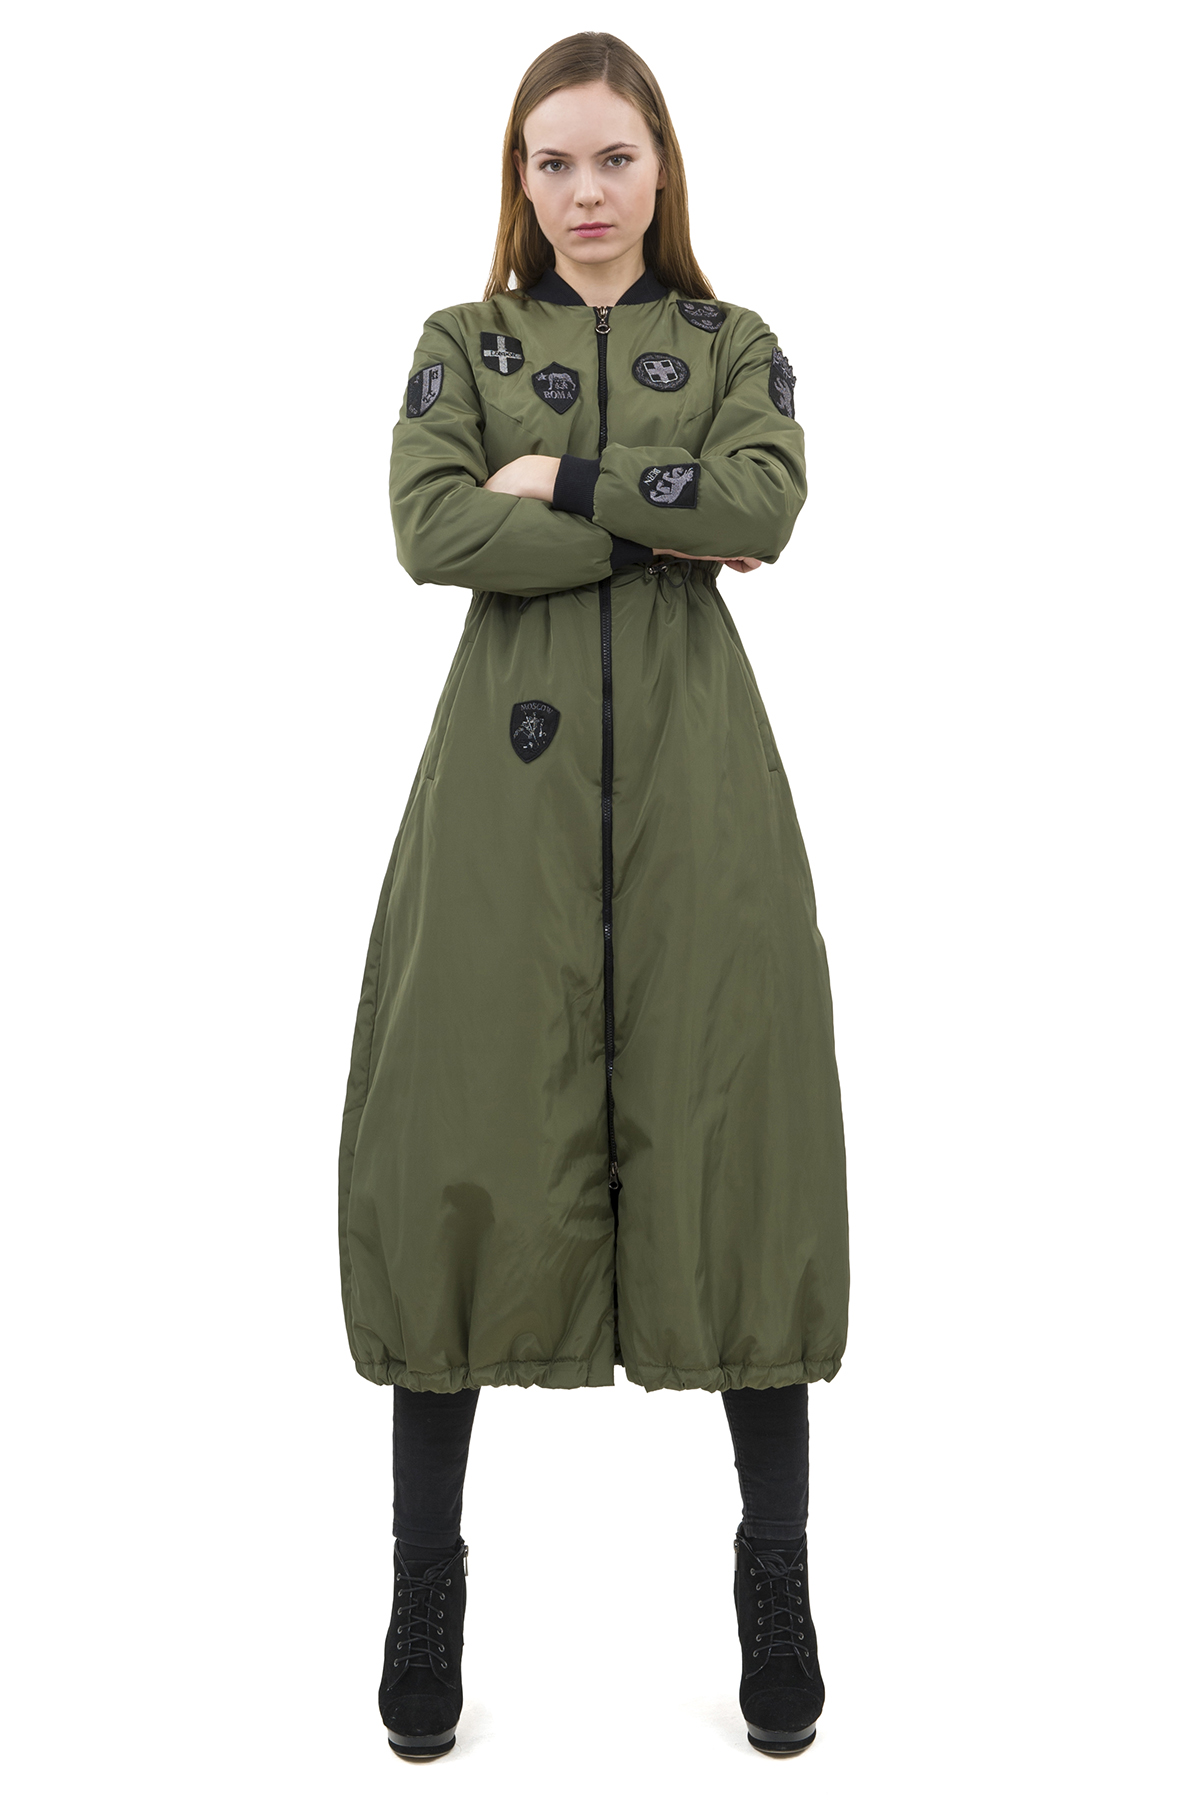 Пальто-бомберЖенские куртки, плащи, пальто<br>Длинный бомбер с вышитыми шевронами бренда Pavel Yerokin выполнен из ткани с легким блеском. Особенности: свободный силуэт, рельефный воротник стойка, застежка молния, кулиска на завышенной талии и по краю изделия, 2 боковых кармана, шевроны - гербы европейских столиц.   <br><br>Цвет: хаки<br>Состав: 100% полиэстер подкладка: Вискоза - 50%, Полиэстер - 50% утеплитель: 100% полиэстер<br>Размер: 40,42,44,46,50,52<br>Страна дизайна: Россия<br>Страна производства: Россия